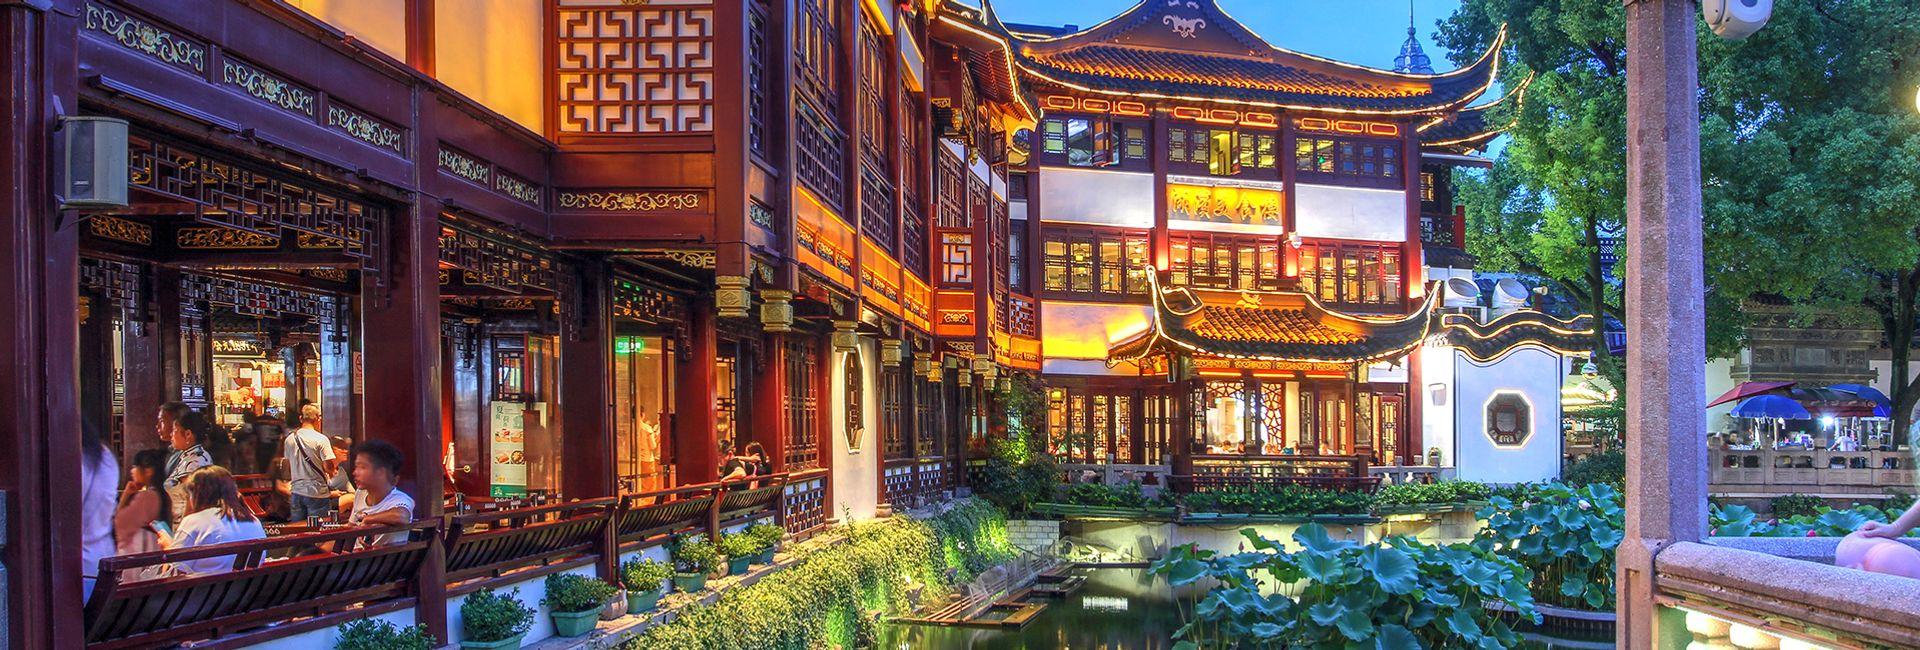 Top 9 khu phố ẩm thực nổi tiếng ở Thượng Hải